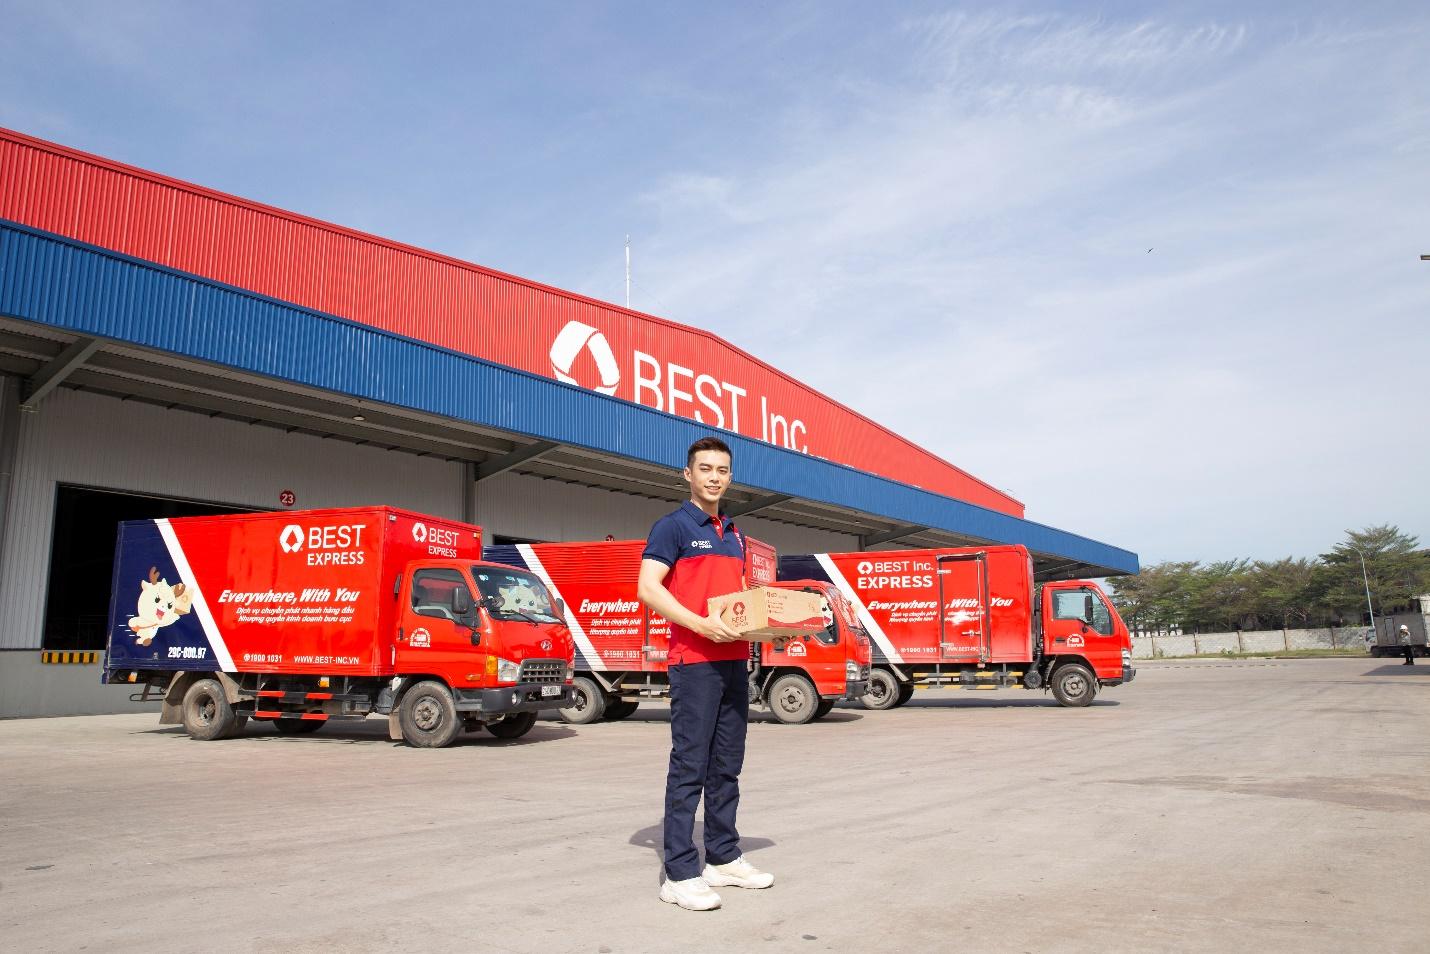 Trung tâm phân loại TP HCM - nơi phân loại hàng hoá tự động lớn nhất của BEST Inc. tại Đông Nam Á.